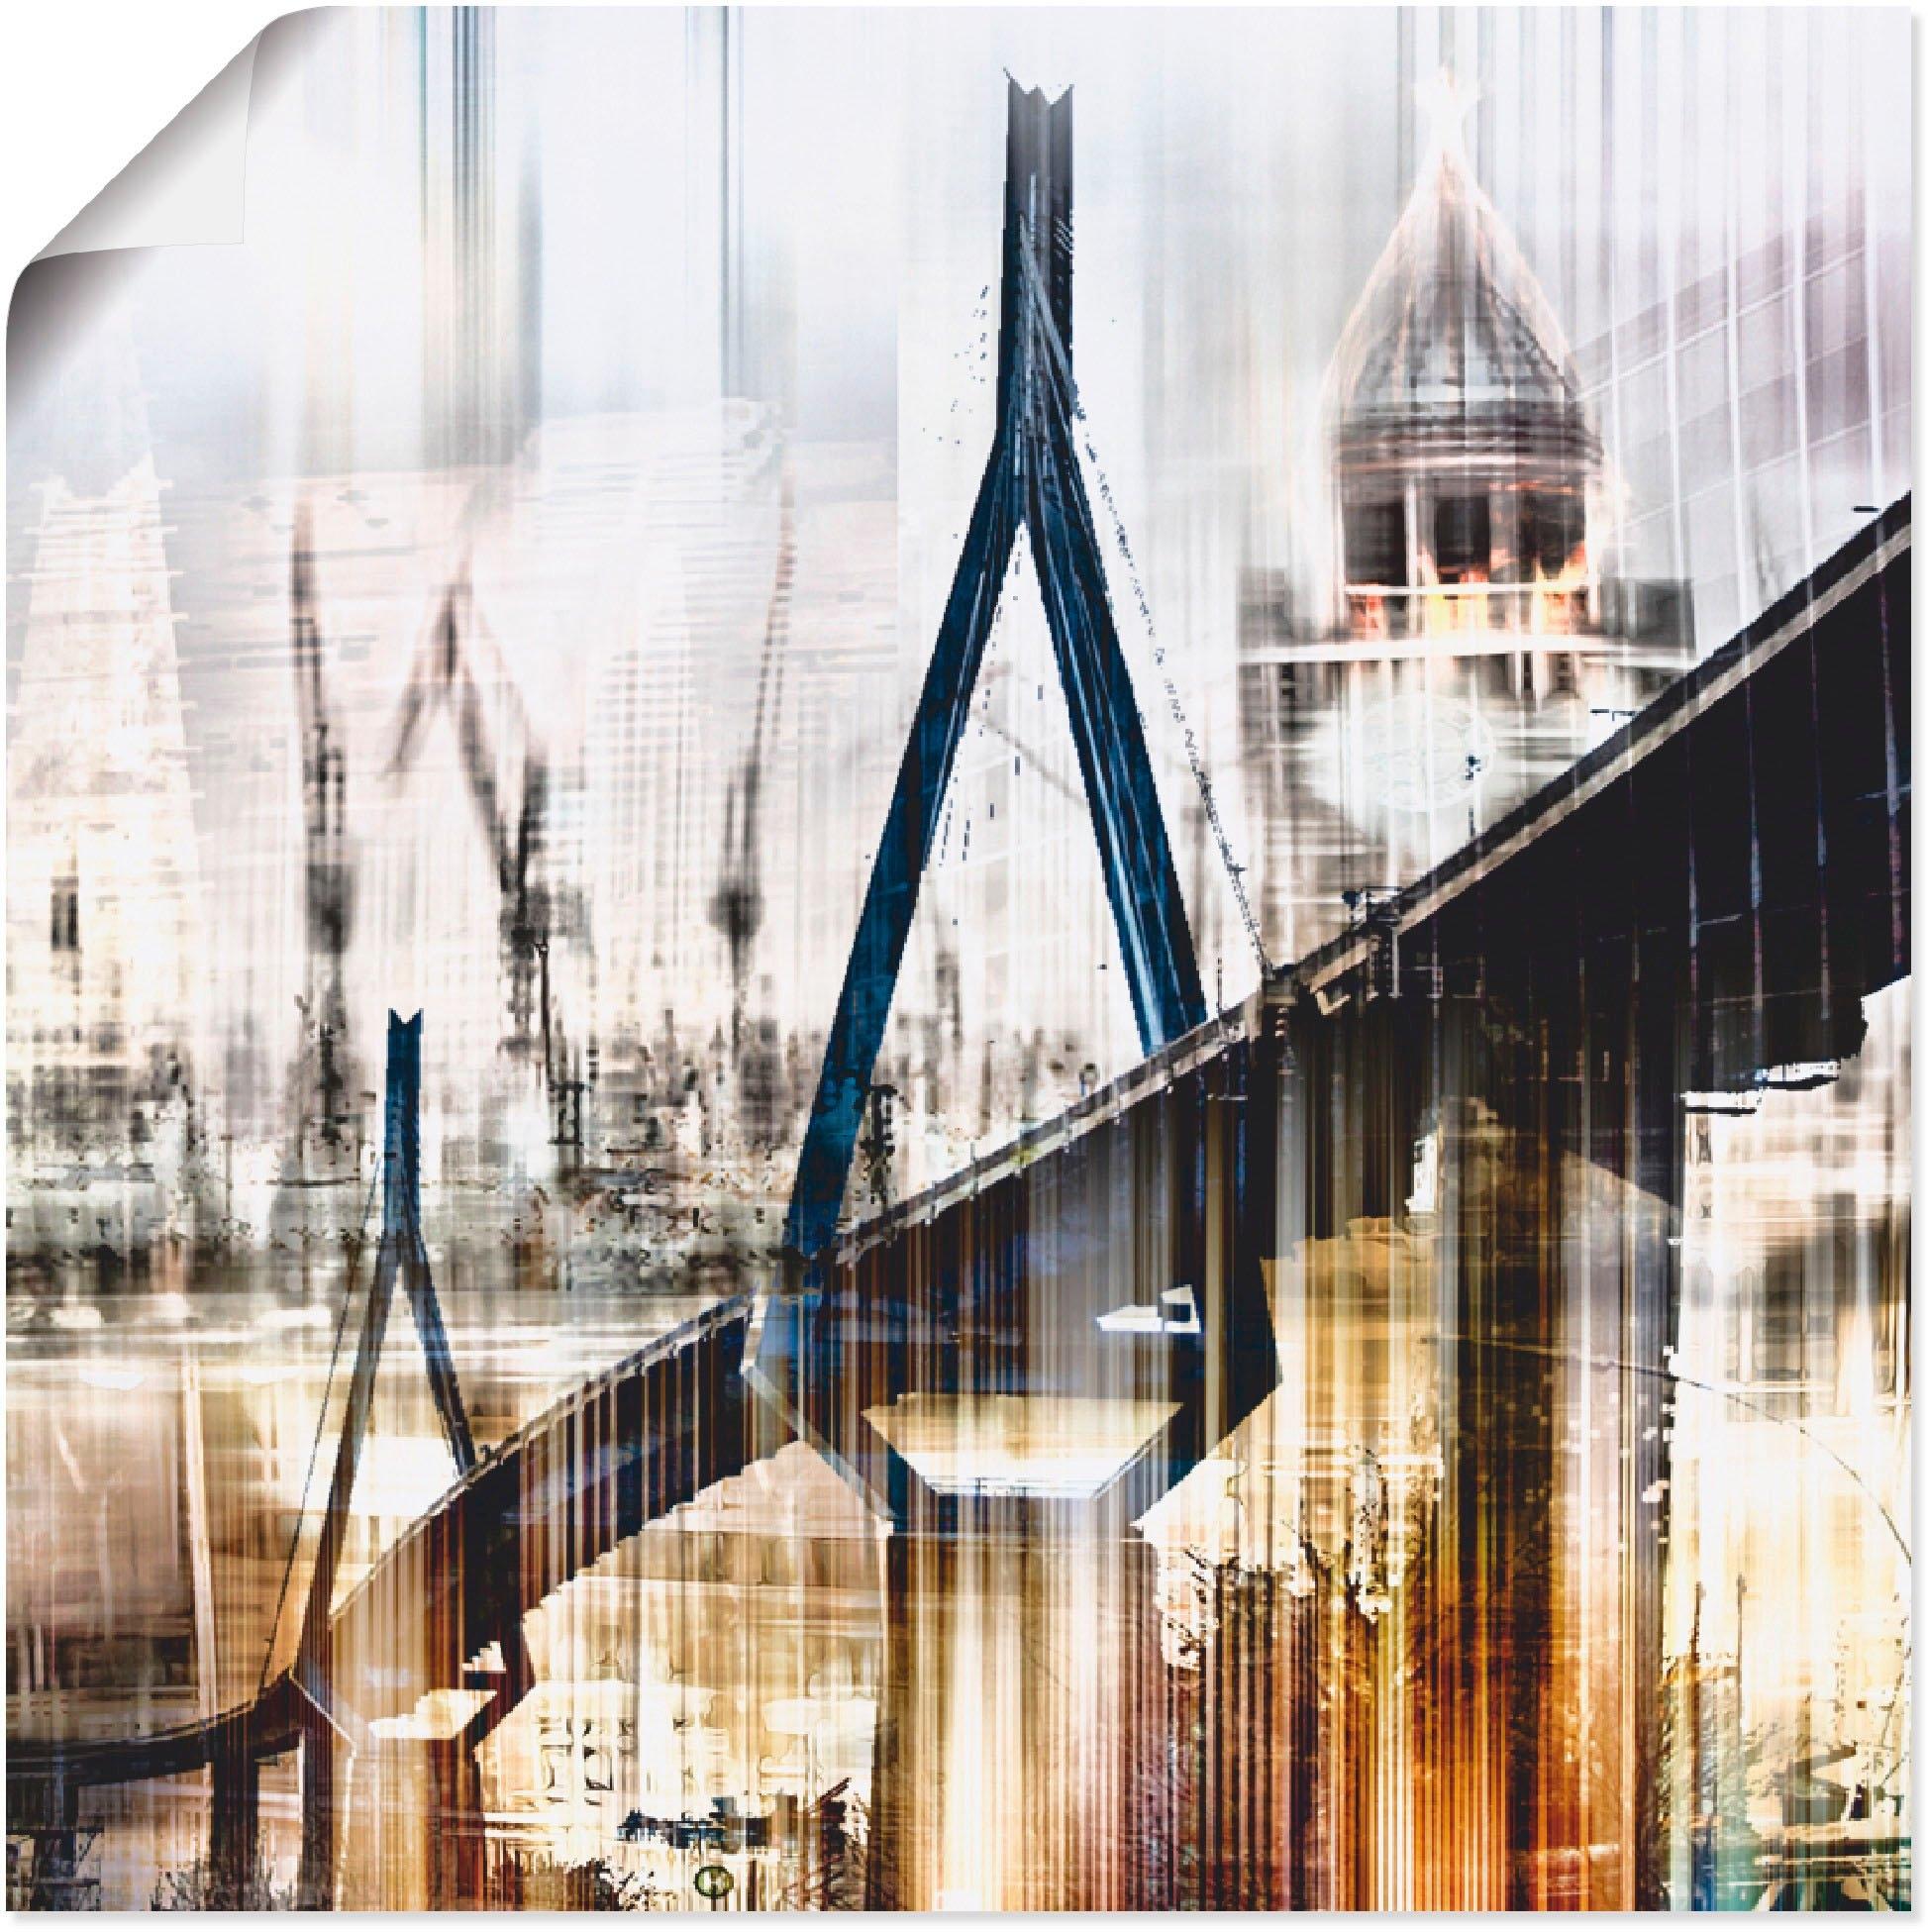 Artland artprint Hamburg Skyline collage III in vele afmetingen & productsoorten -artprint op linnen, poster, muursticker / wandfolie ook geschikt voor de badkamer (1 stuk) nu online bestellen